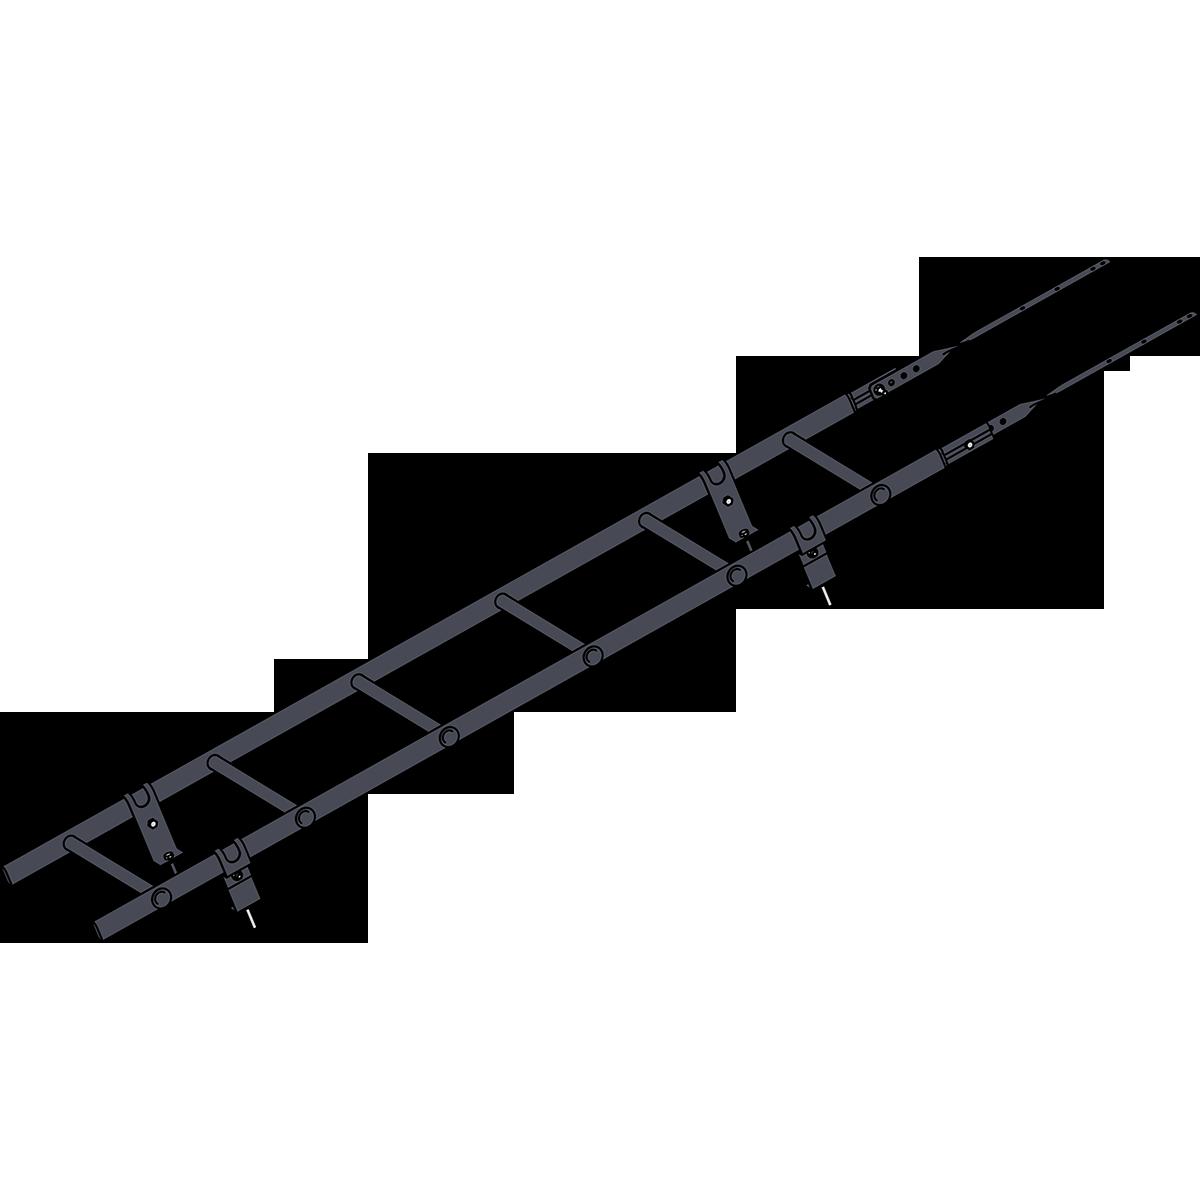 Лестница кровельная ROOFSYSTEMS PRESTIGE ZN 45х25 (овал) 400 унивеpсальная 1,2 м RAL 7024 Серый графит